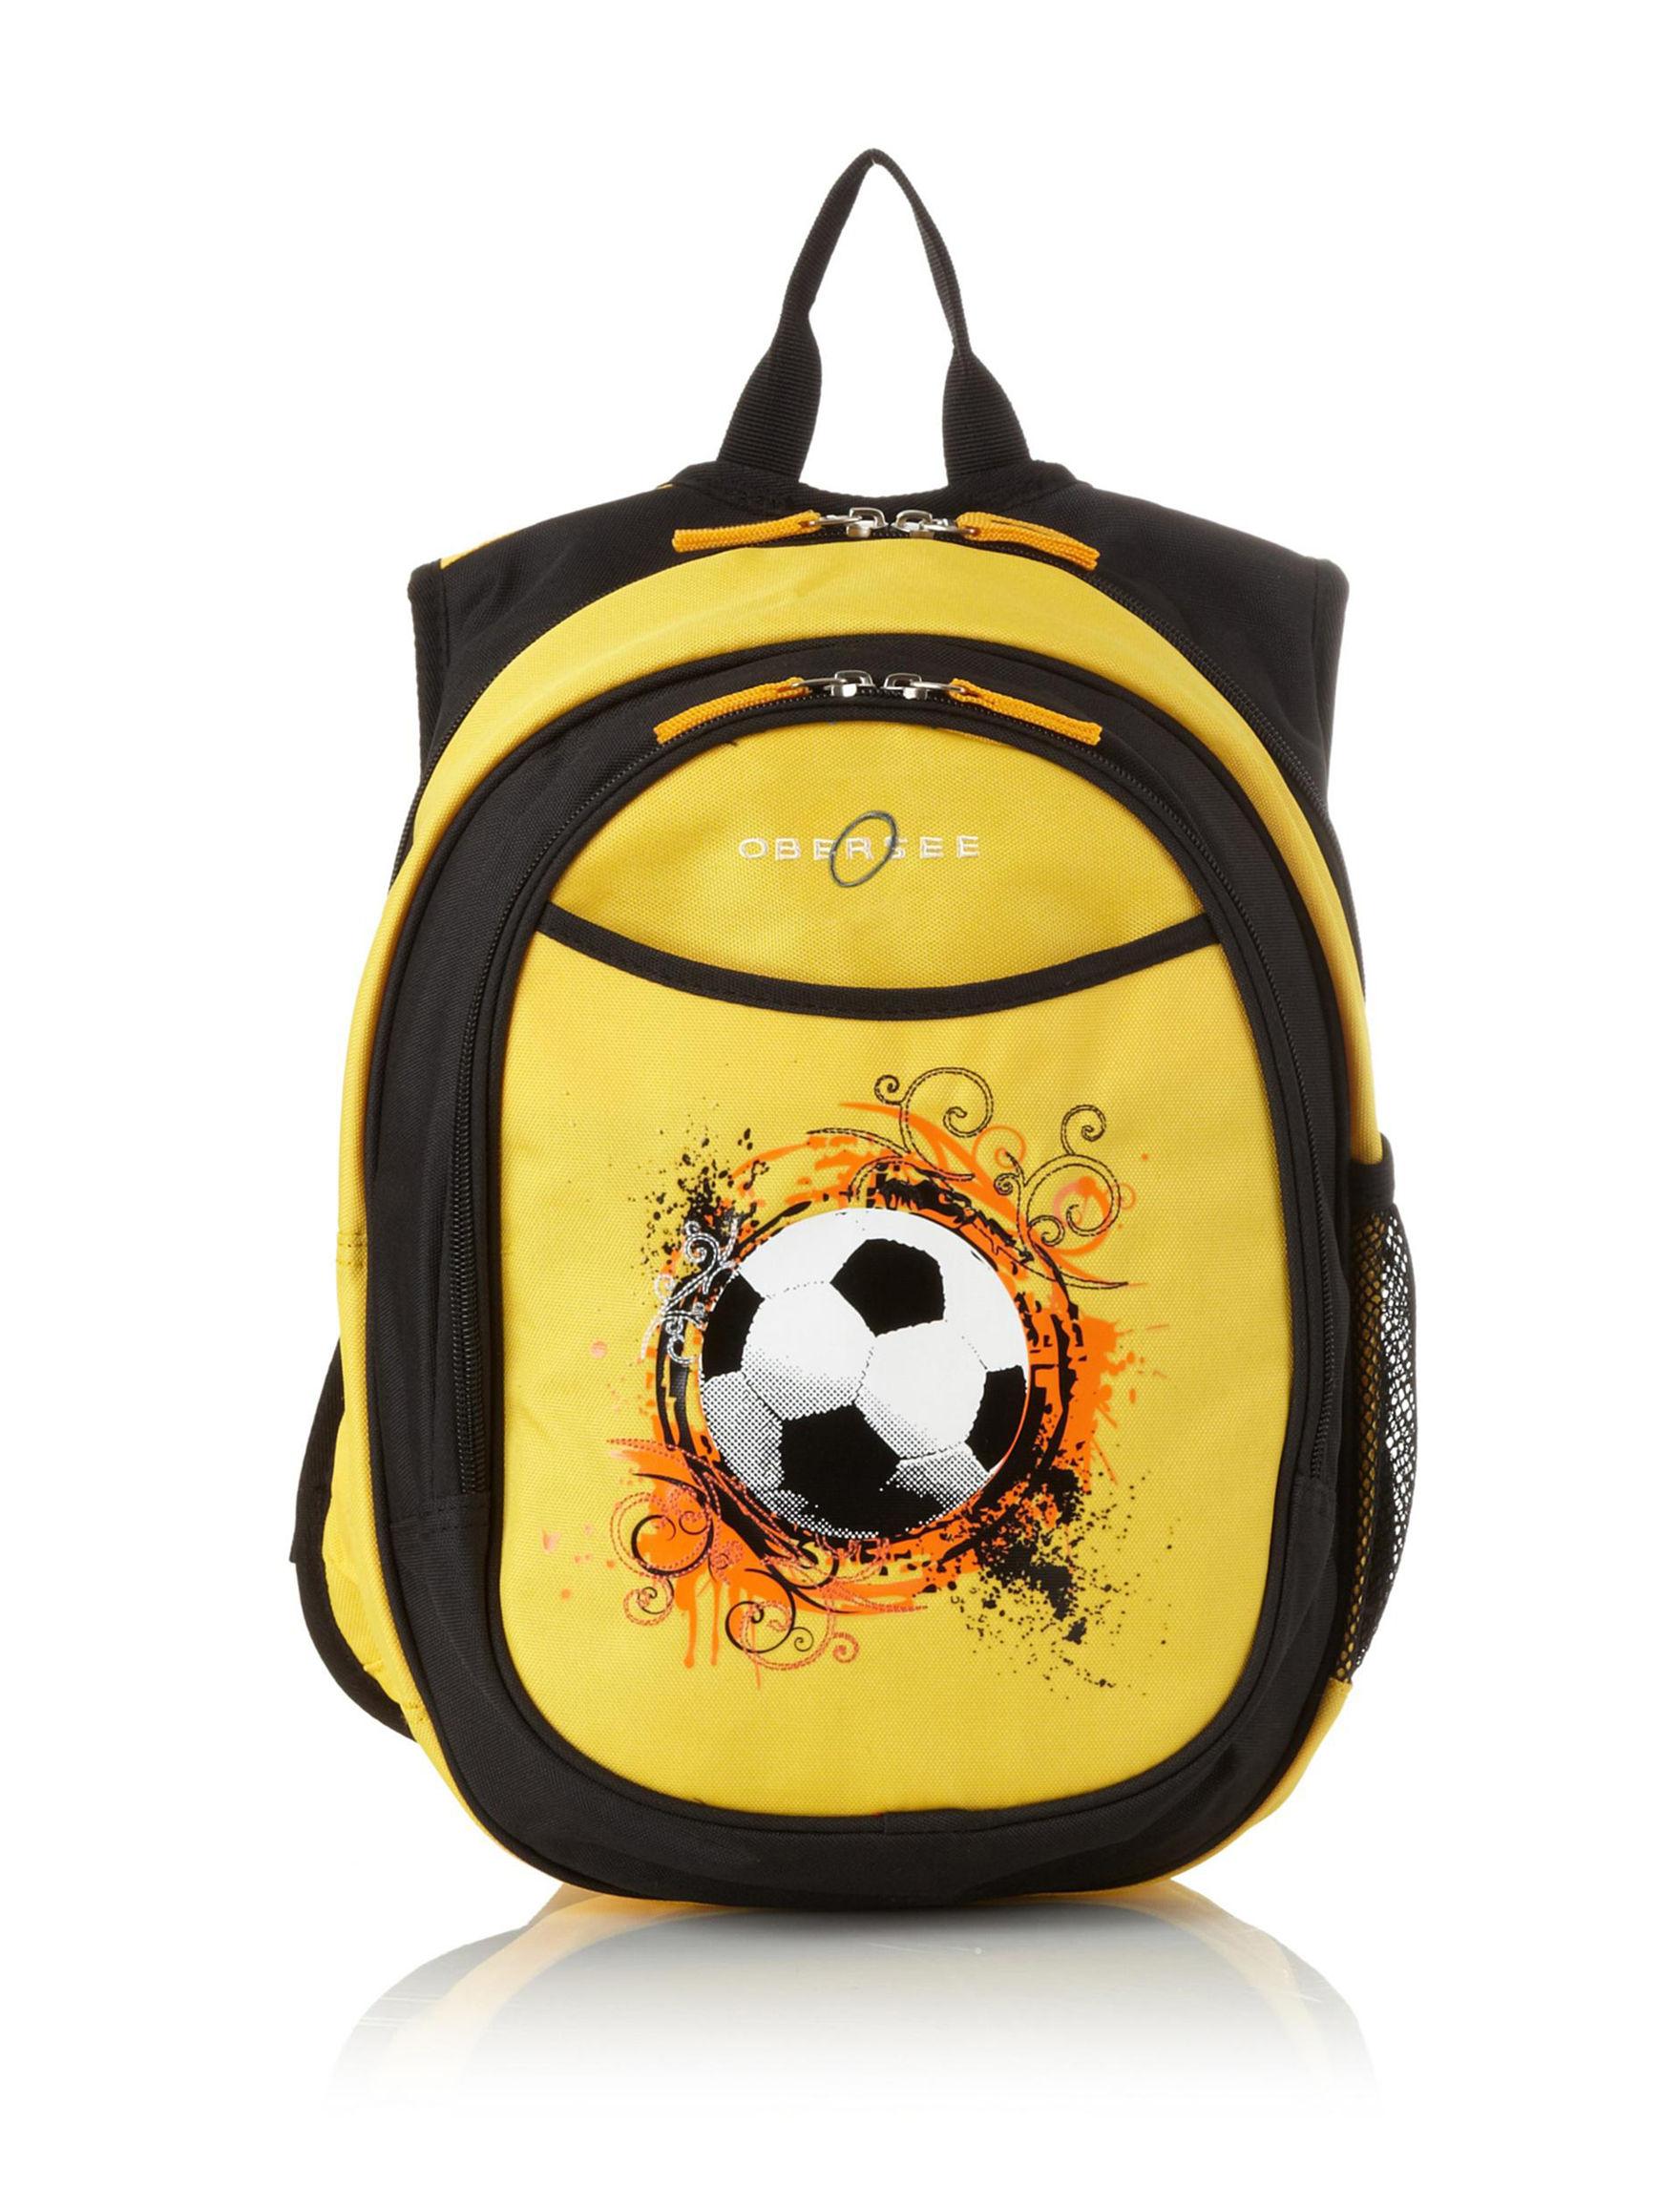 Obersee Yellow Bookbags & Backpacks Diaper Bags